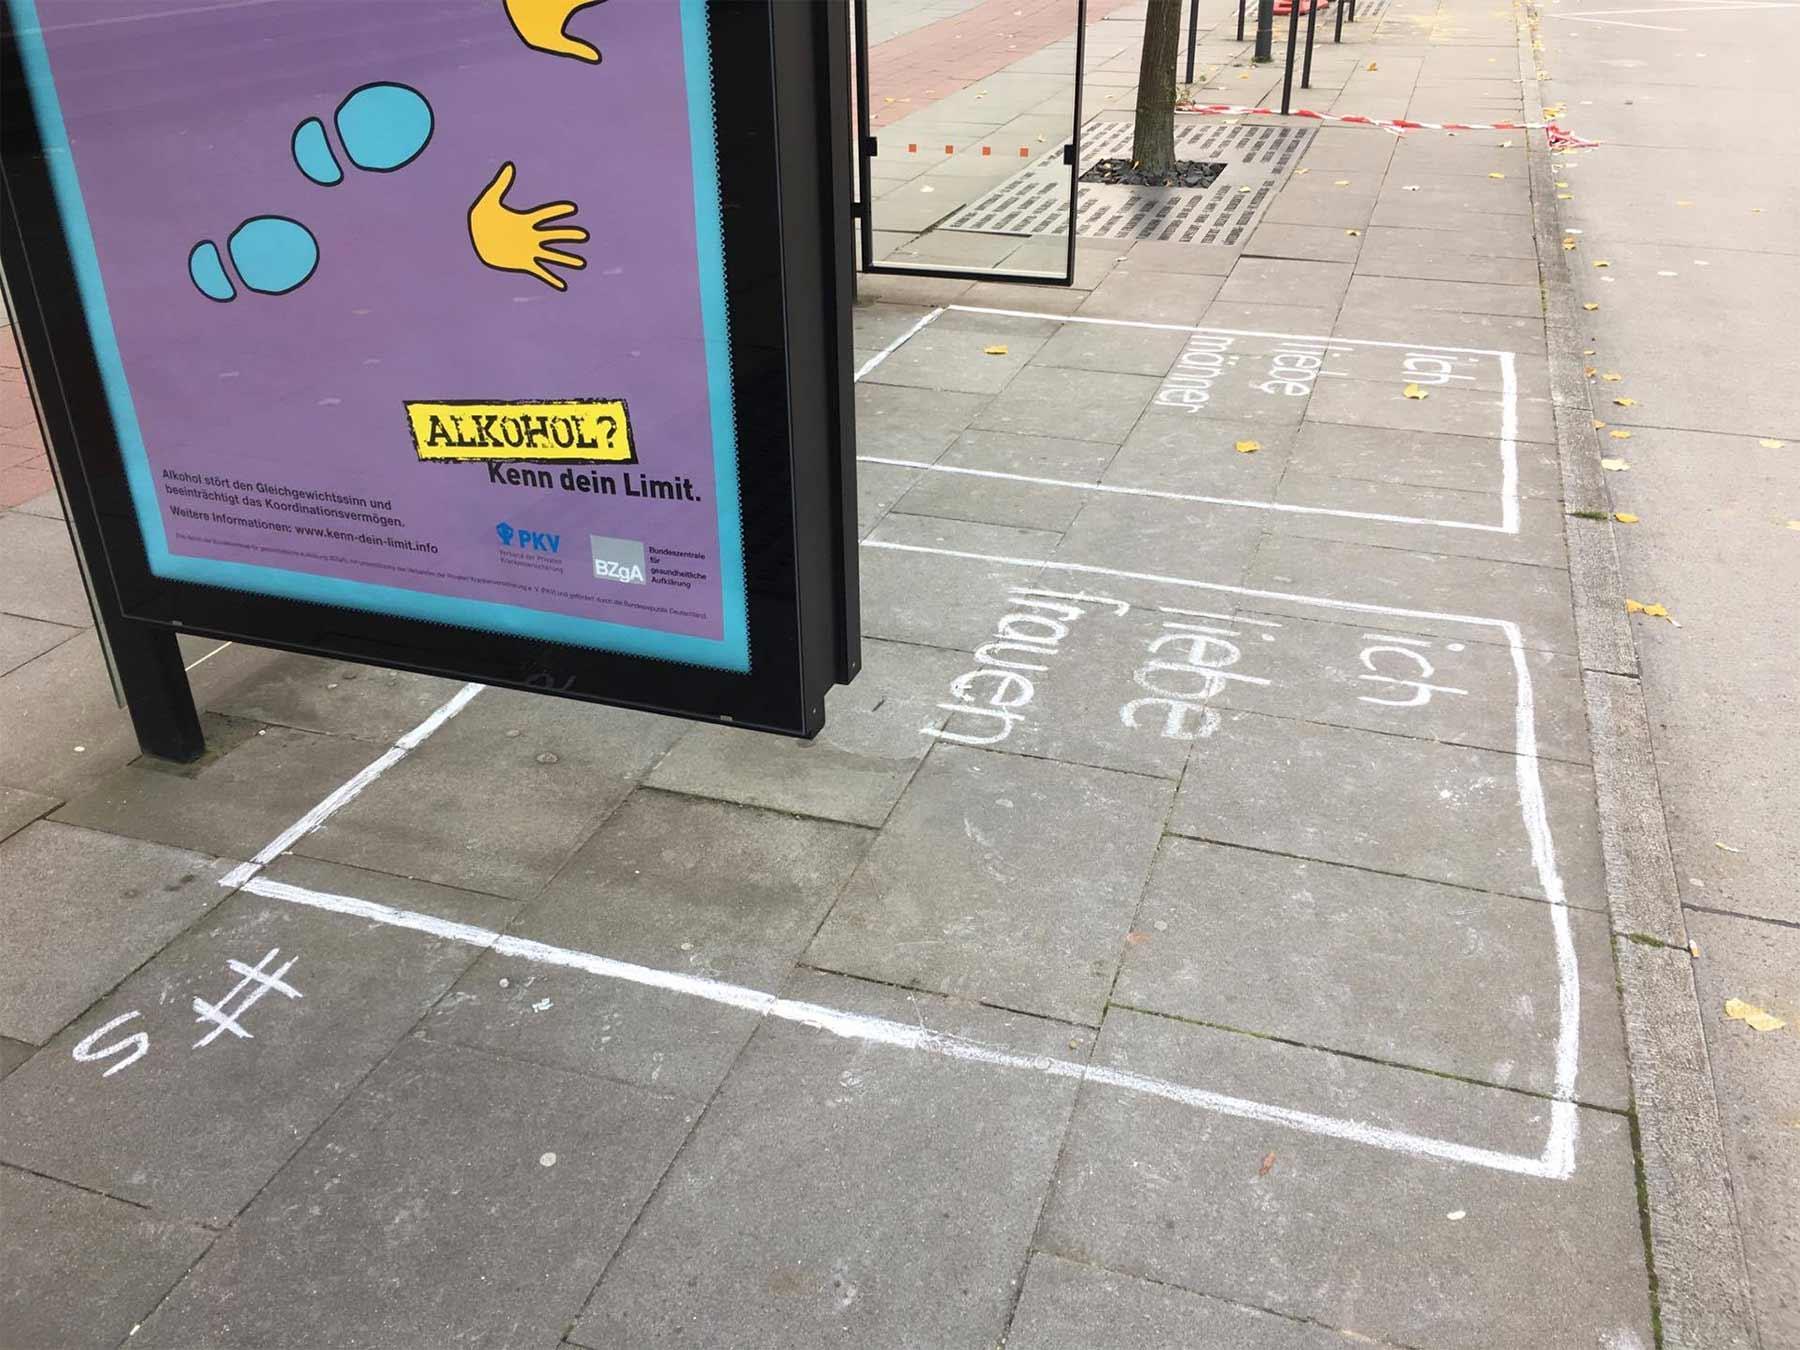 Statement-Wartebereiche an Bushaltestellen abstimmen-an-der-bushaltestelle_02